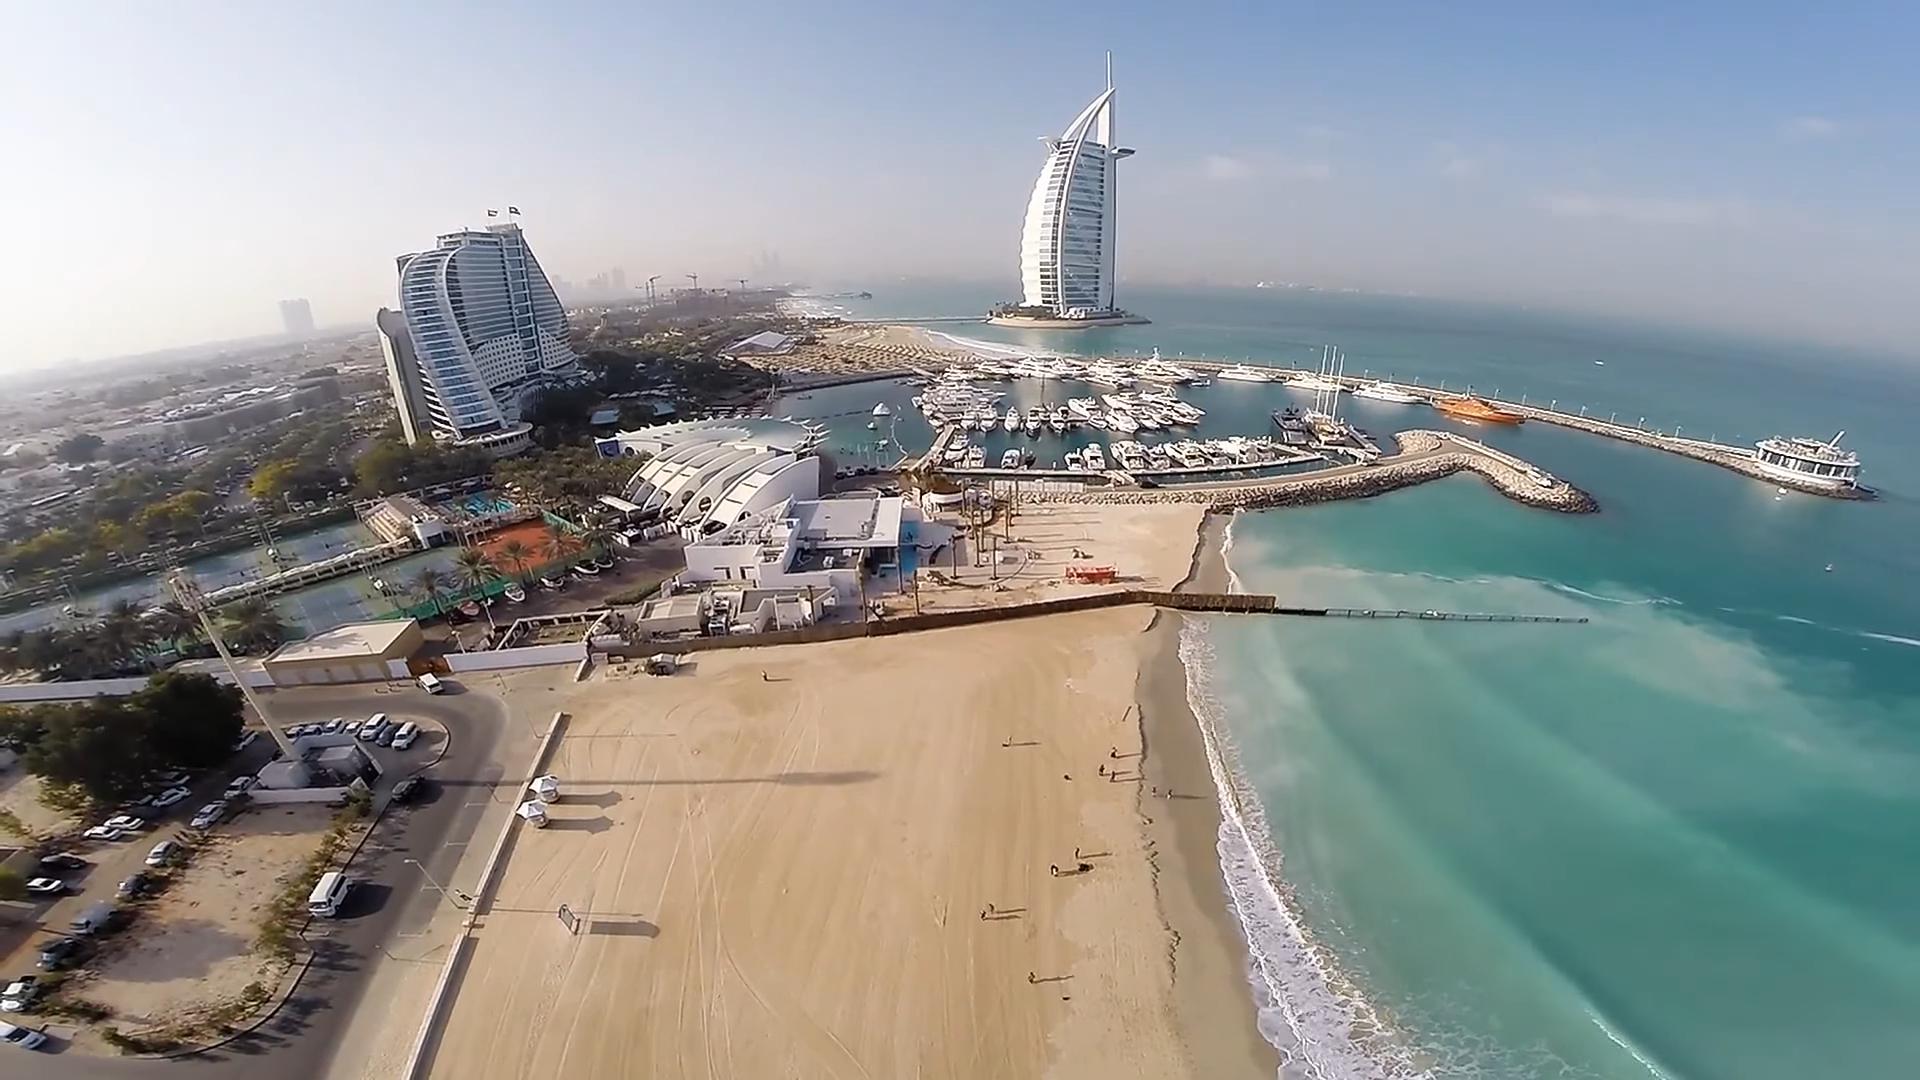 поздравил ребят отдых арабские эмираты фото погода воды примерное